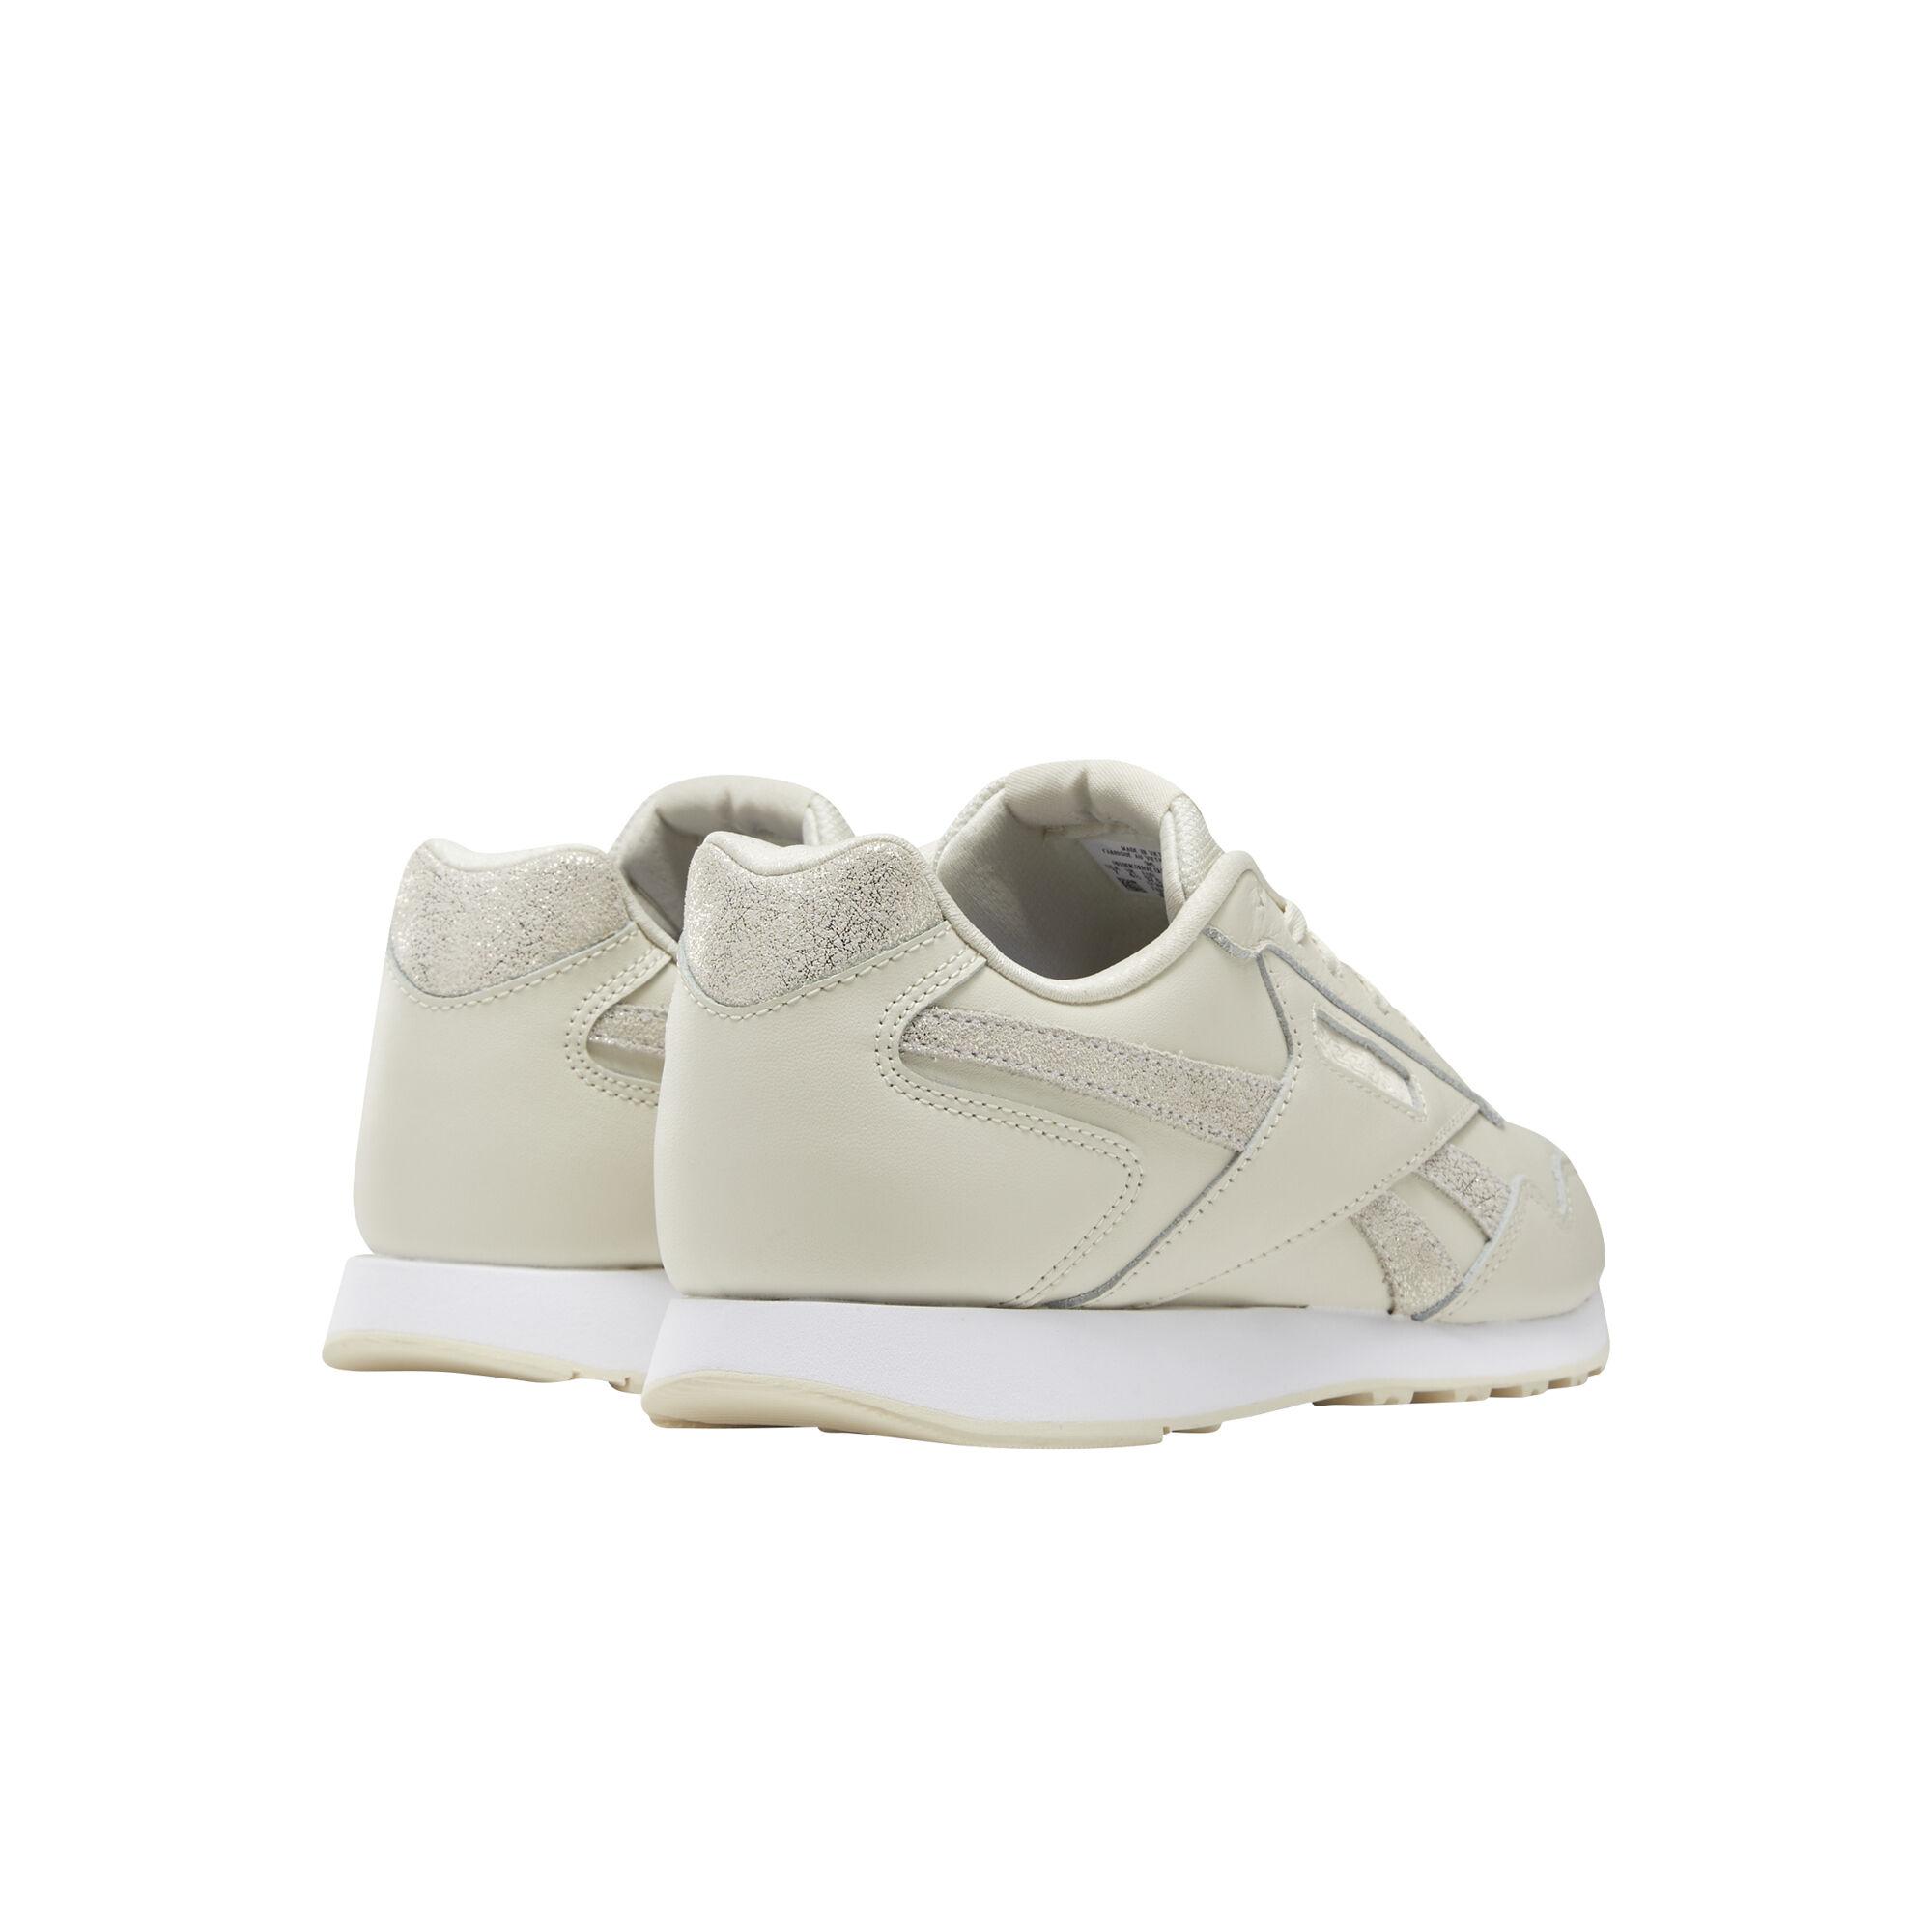 Reebok Royal Glide LX Sneaker Damen Creme, Hellgrau online